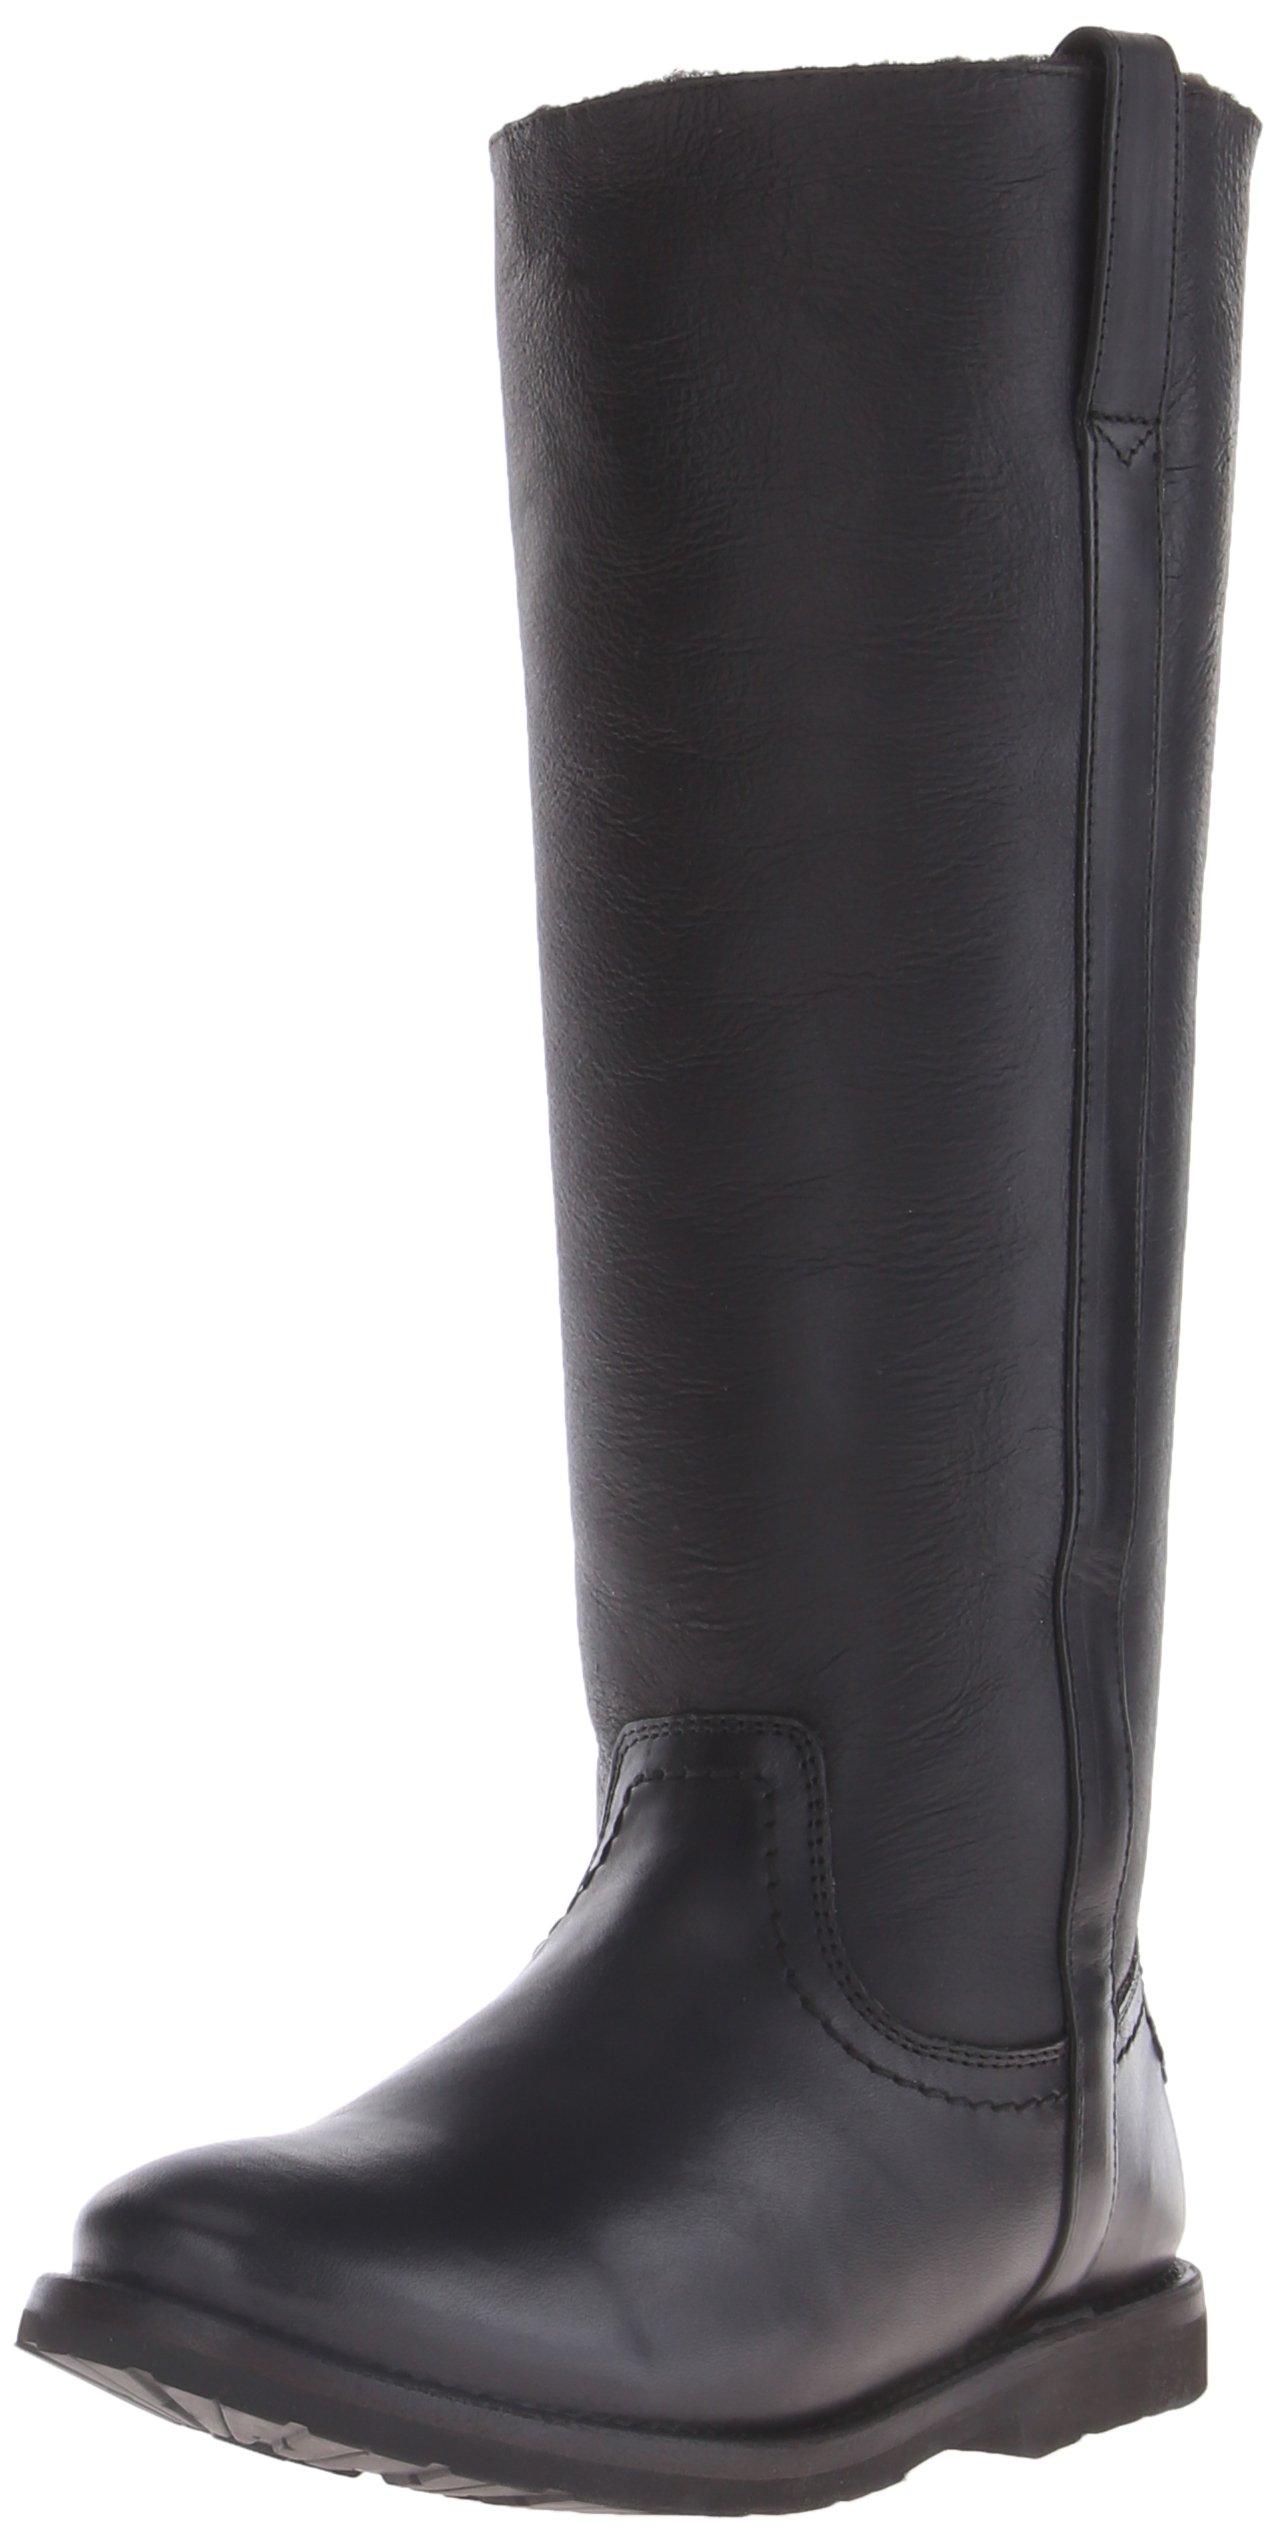 FRYE Women's Celia Shearling Tall Winter Boot,  Black, 8.5 M US